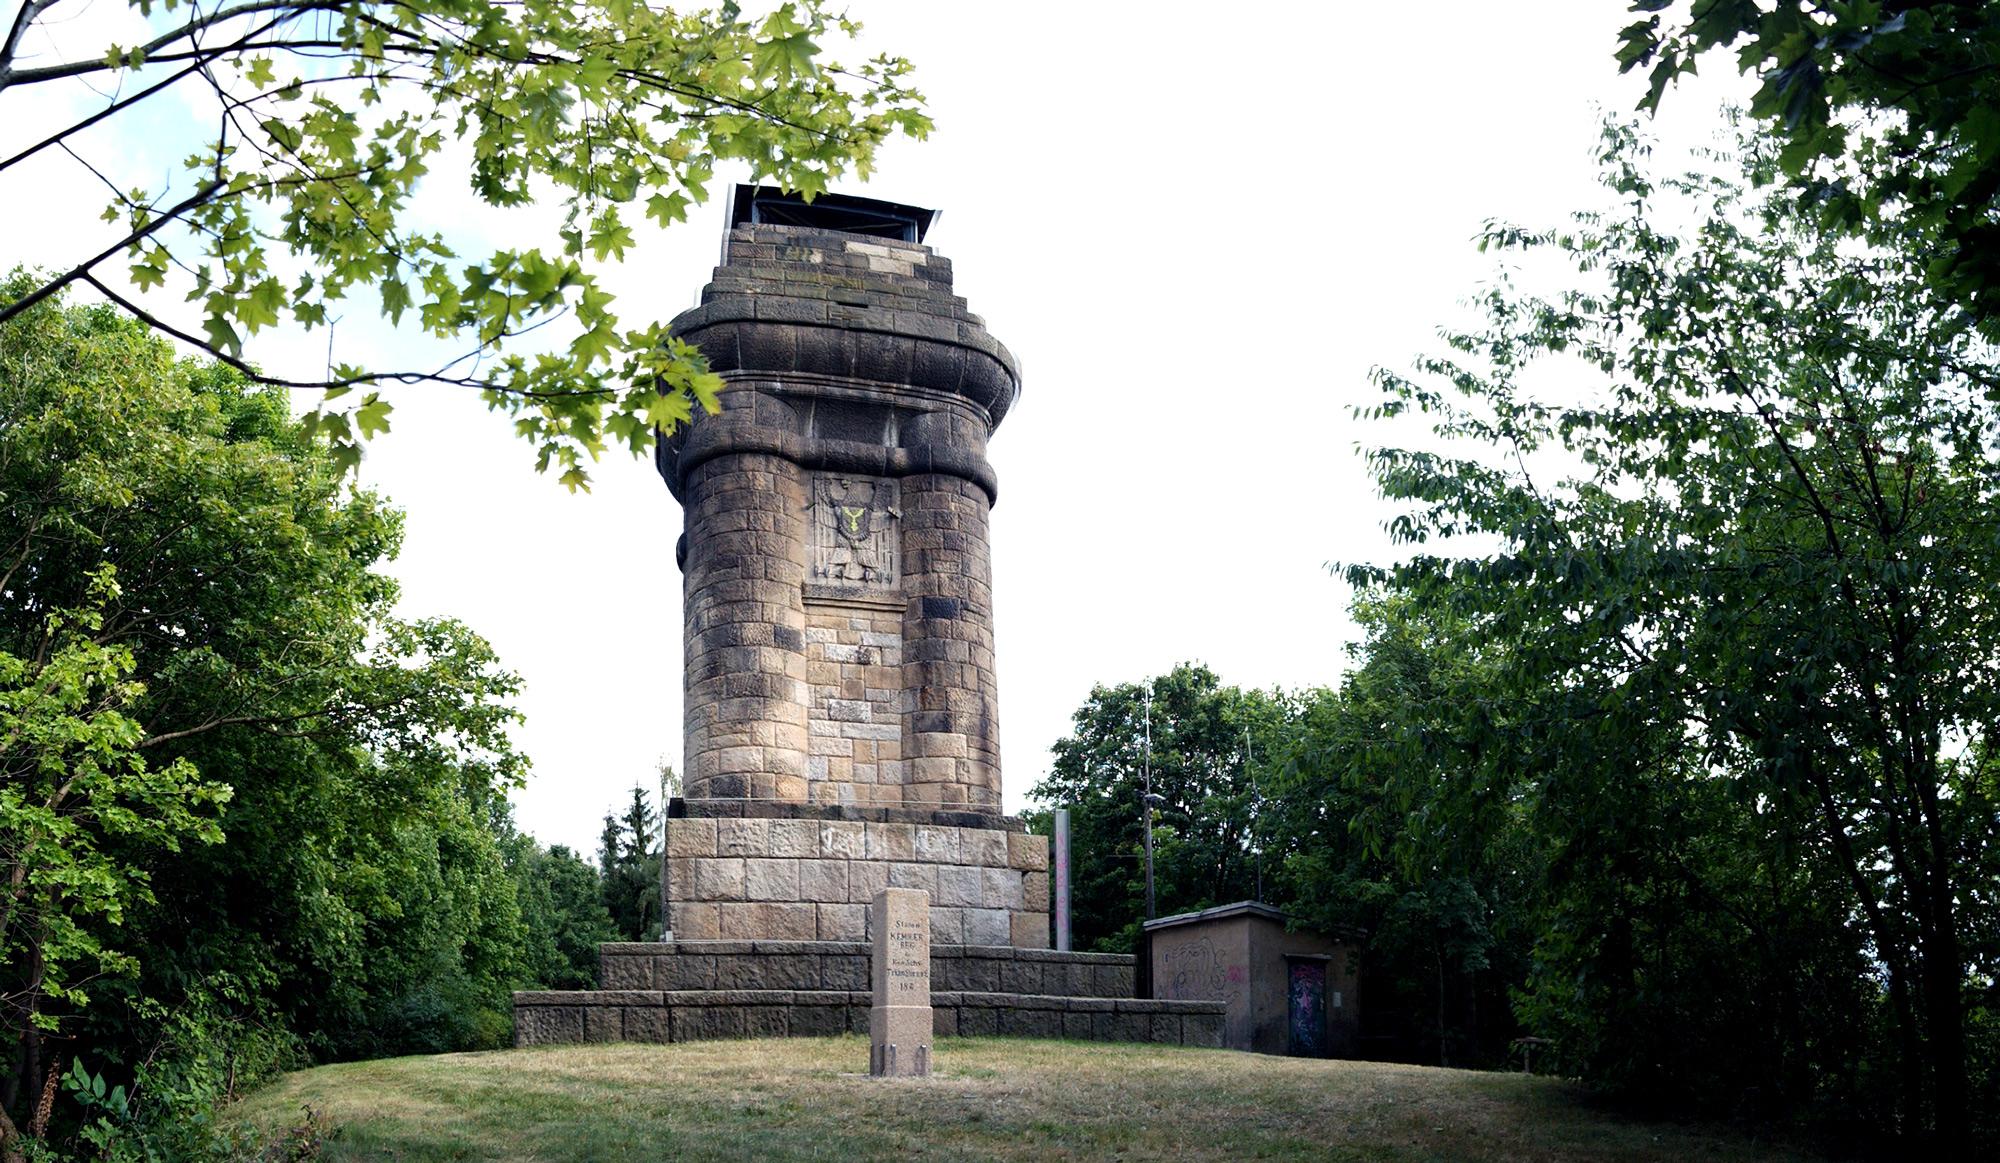 Der Aussichtsturm Kemmler in Plauen